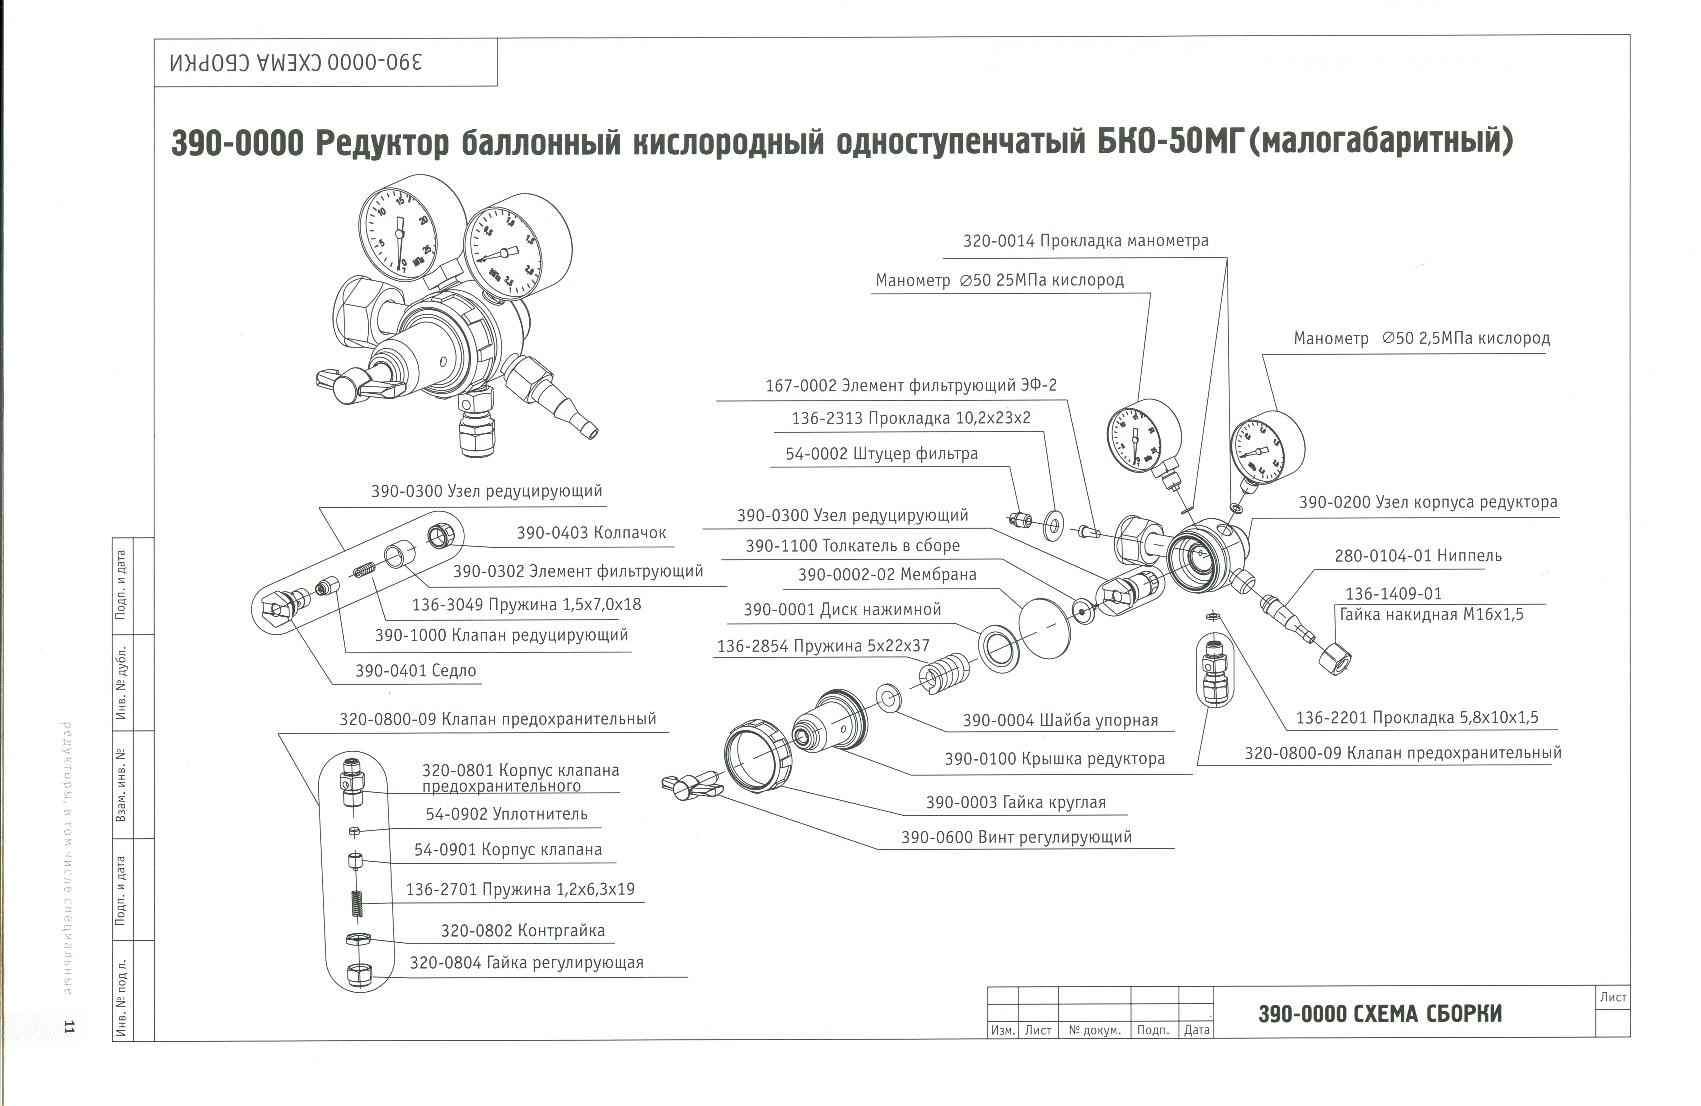 Редуктор для кислородного баллона. устройство и принцип работы | ремонт и строительство дома